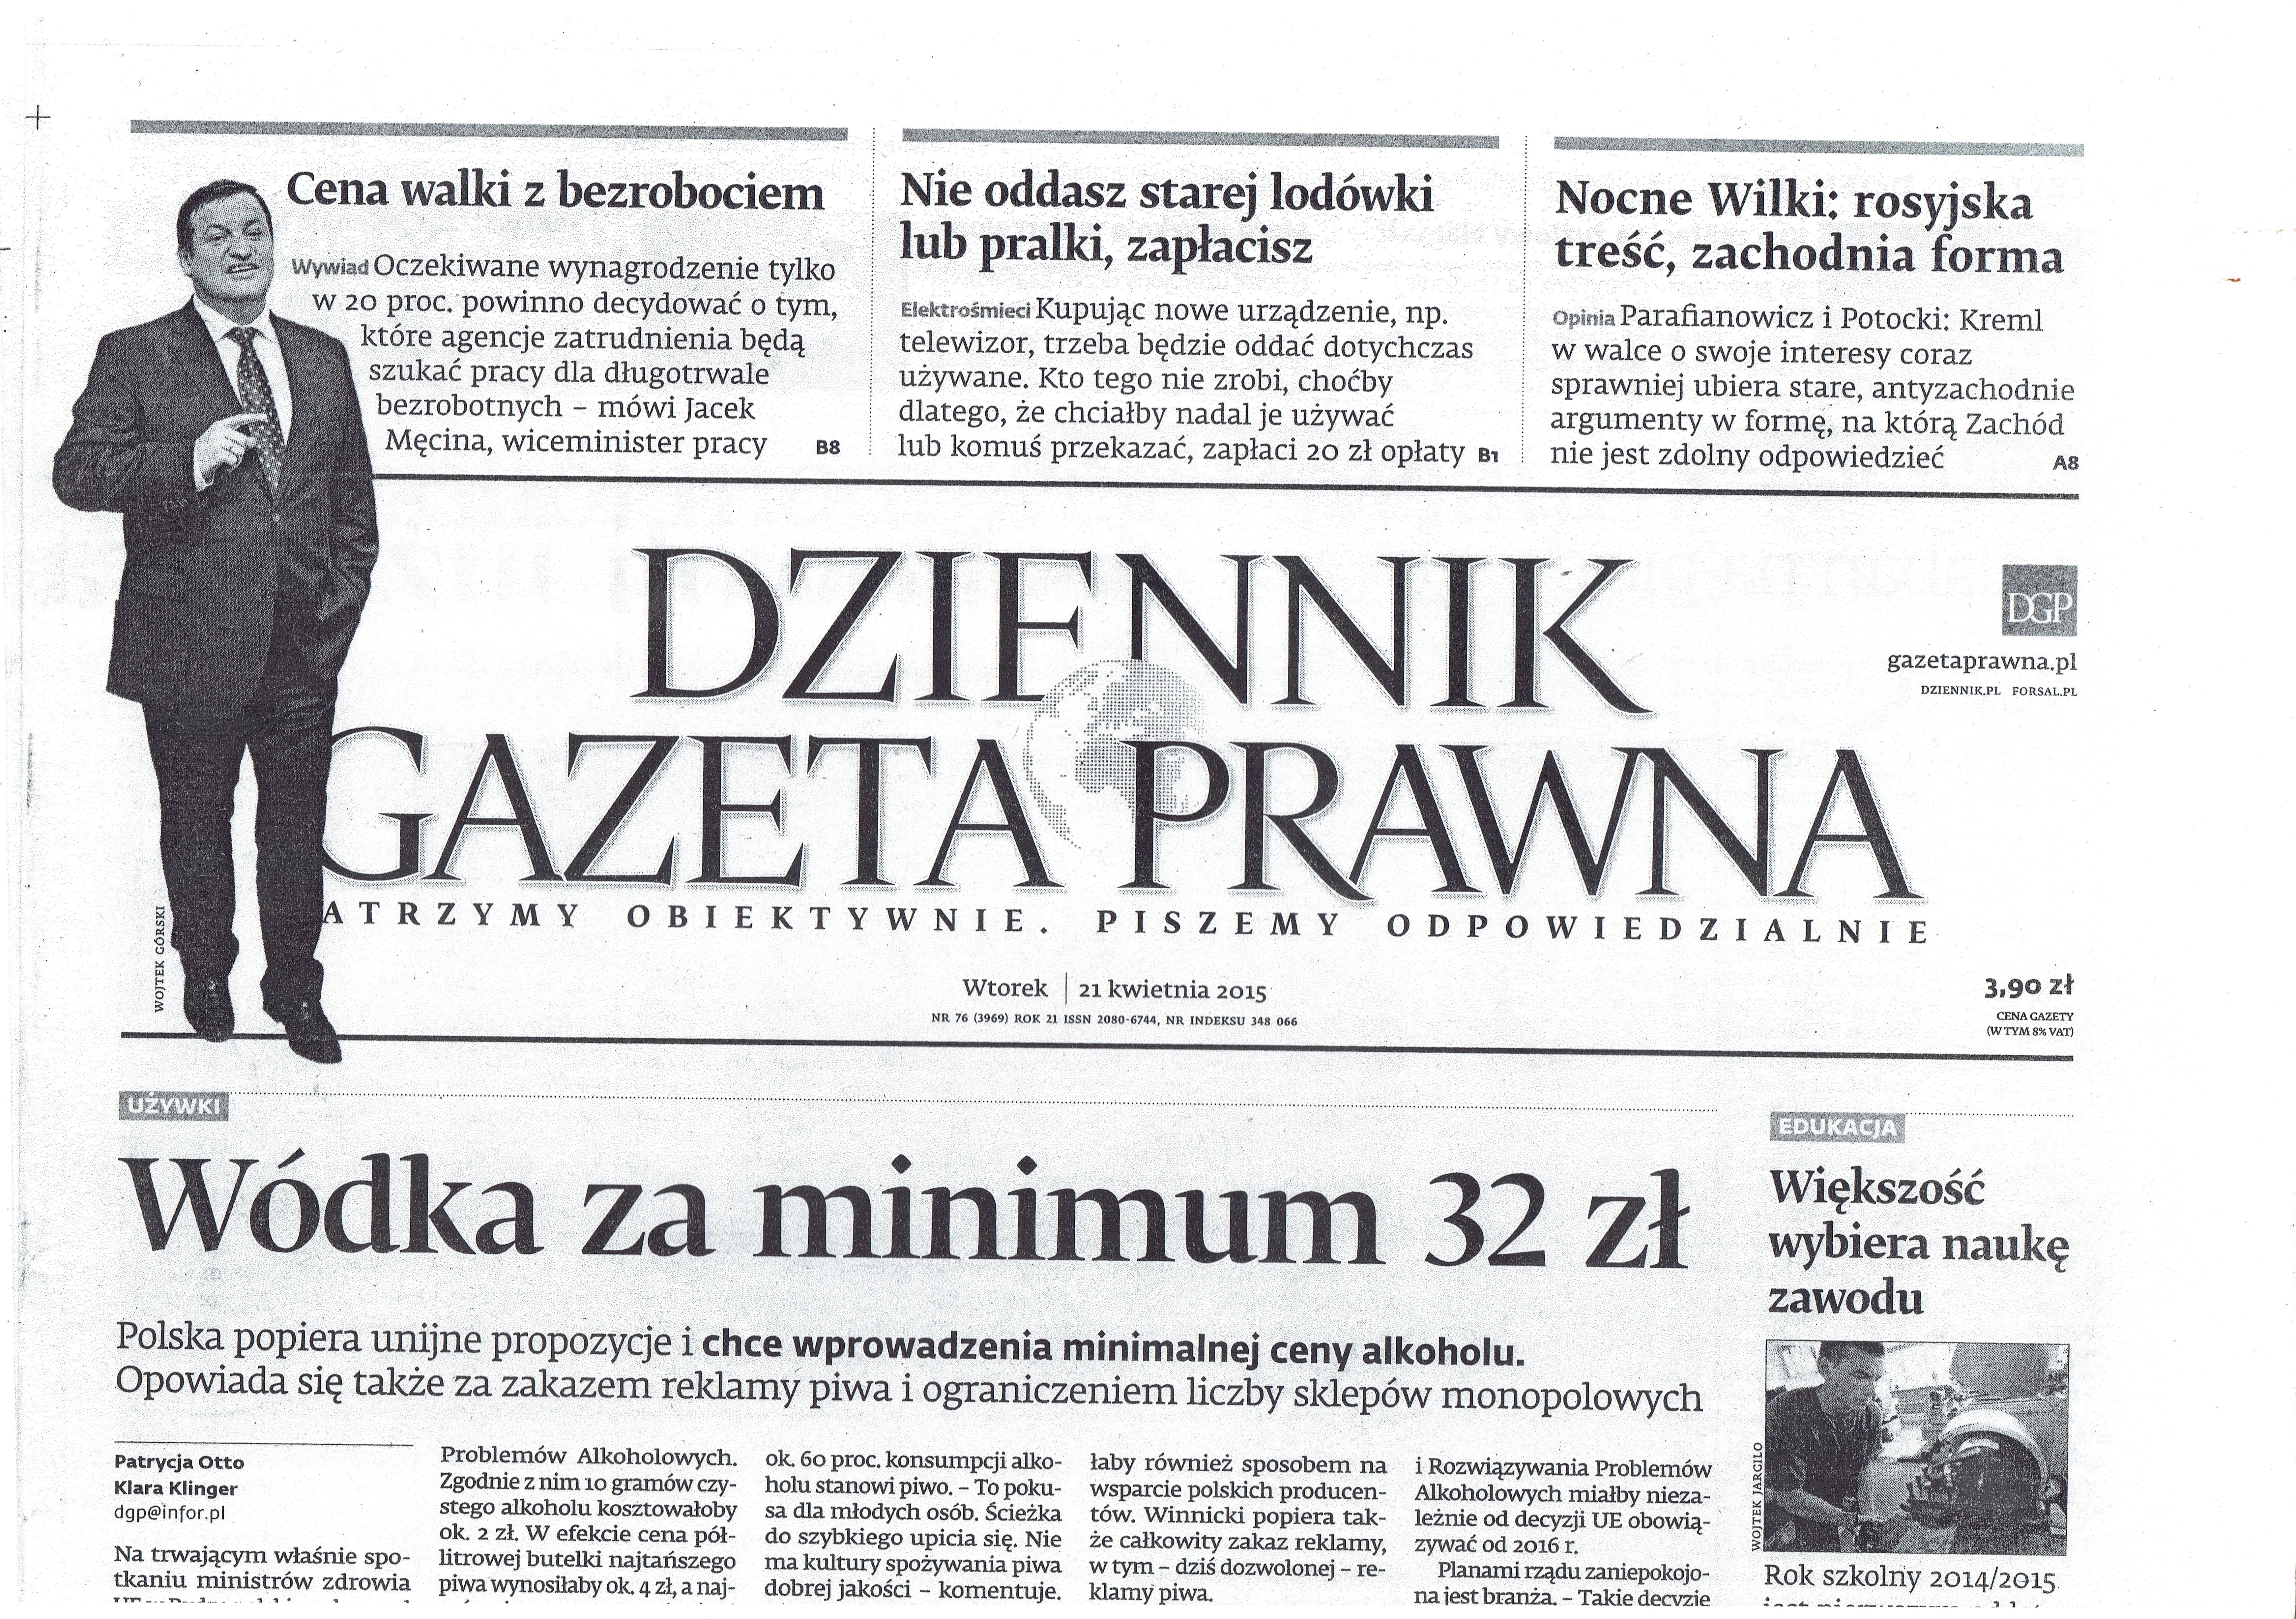 dziennik-gazeta-prawna-o-fundacji-opd-k